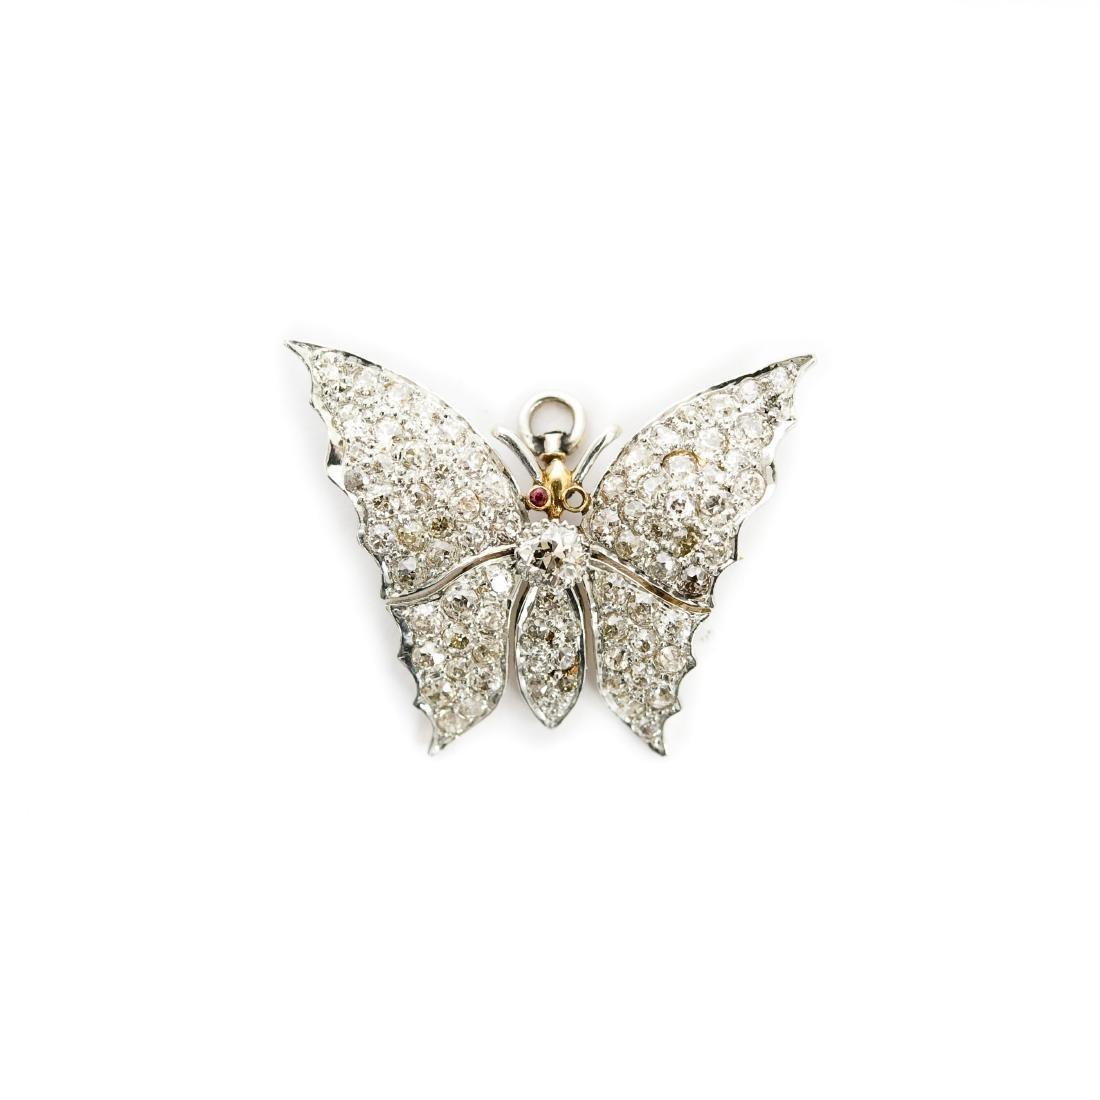 Diamond Butterfly Brooch / Pendant.